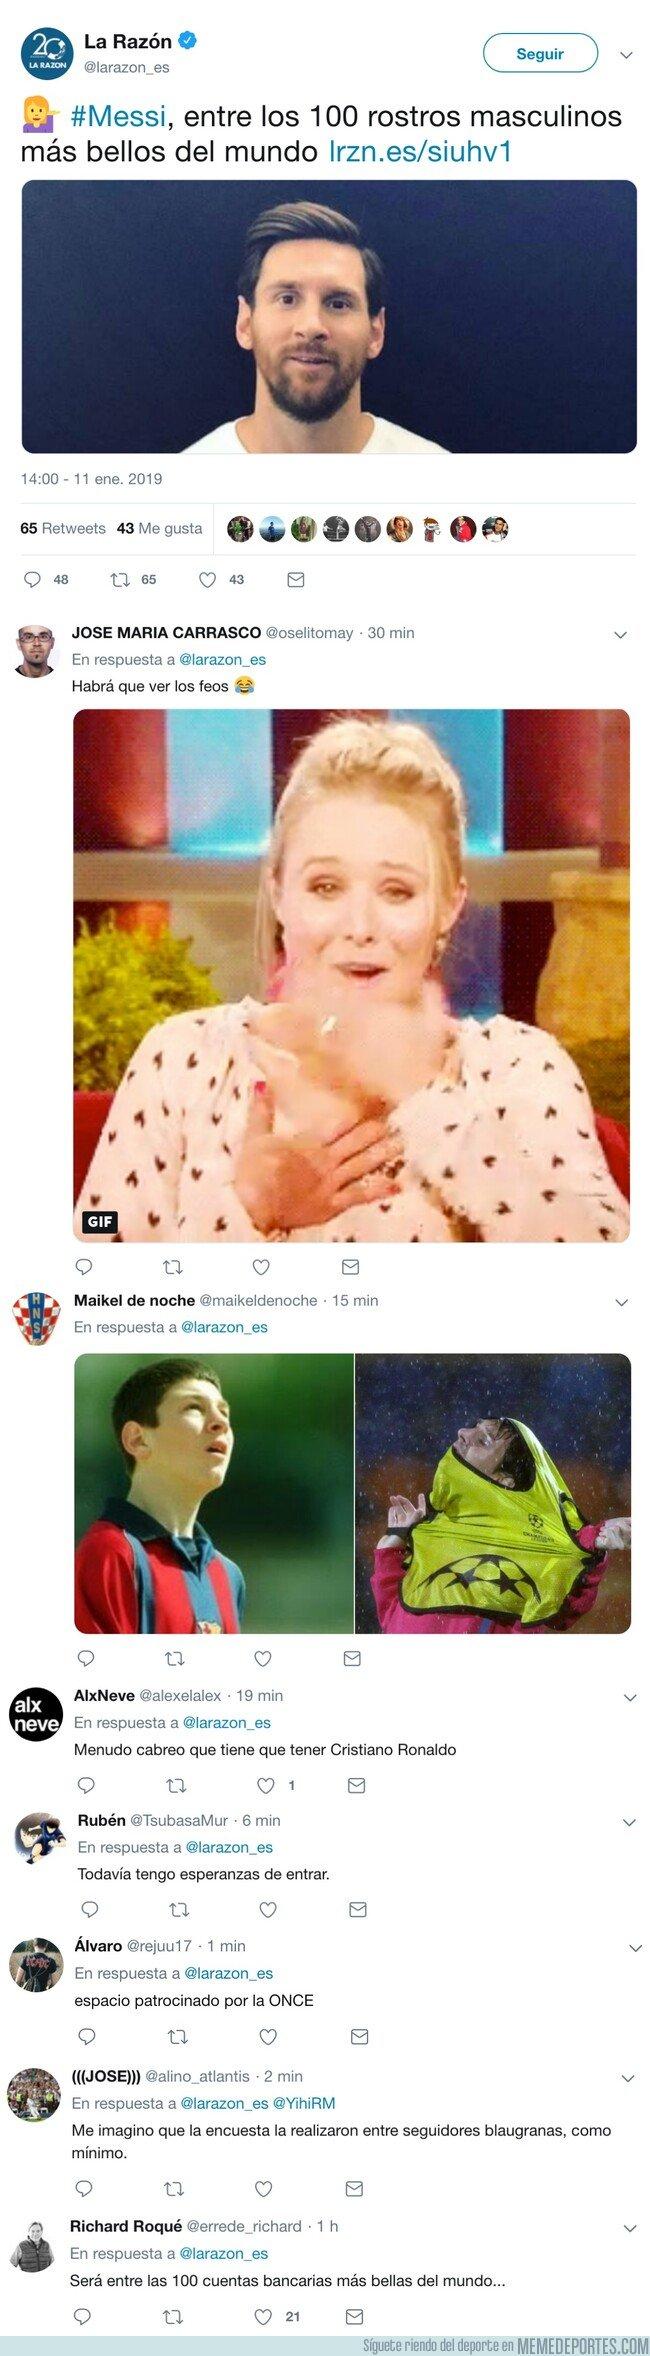 1061157 - Messi entra en la lista de los 100 más guapos del mundo y... como siempre, lo mejor, los comentarios